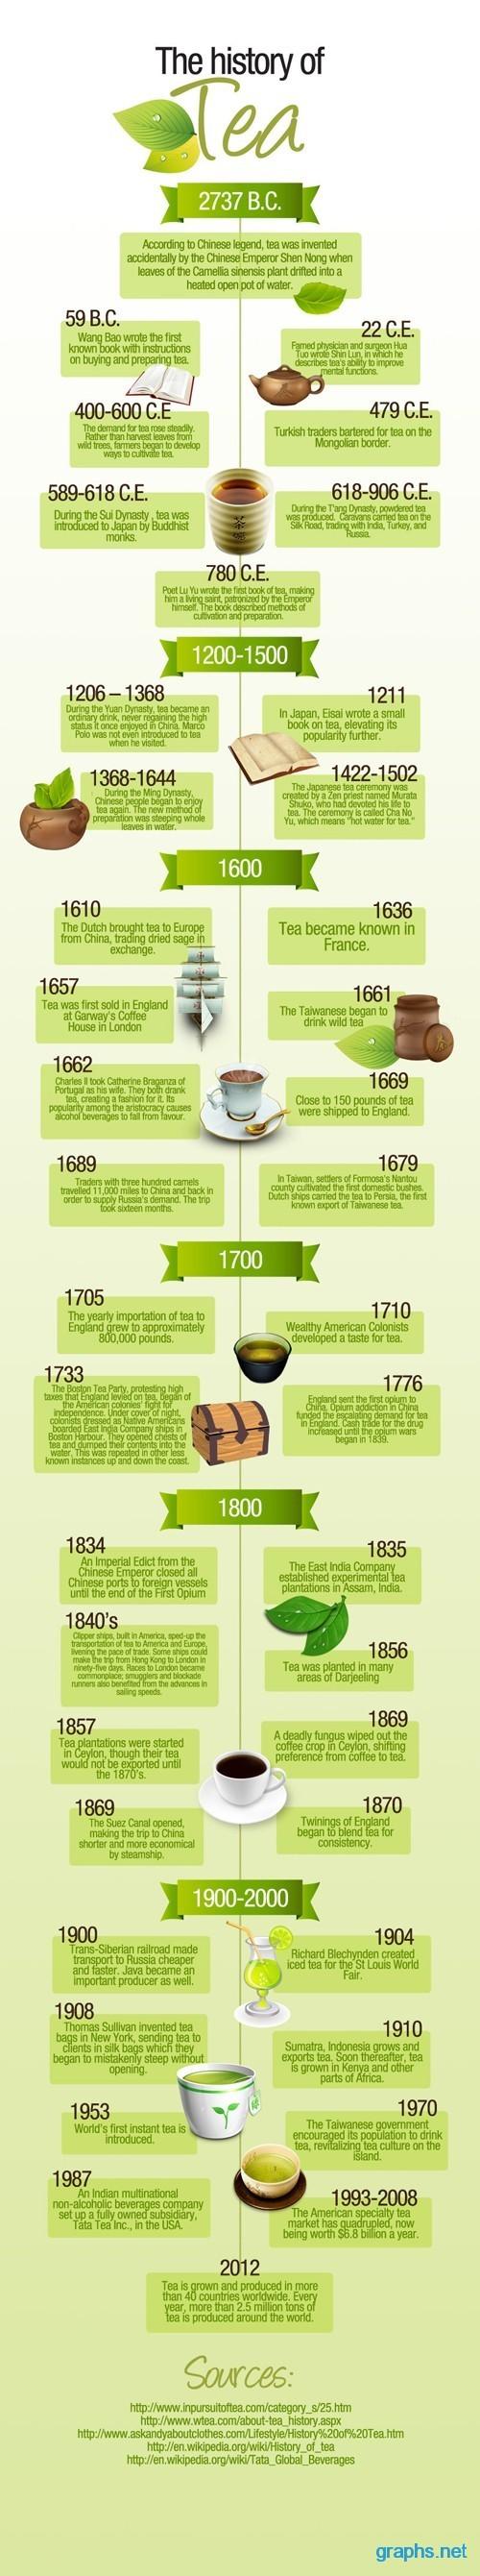 The Wonderful History of Tea